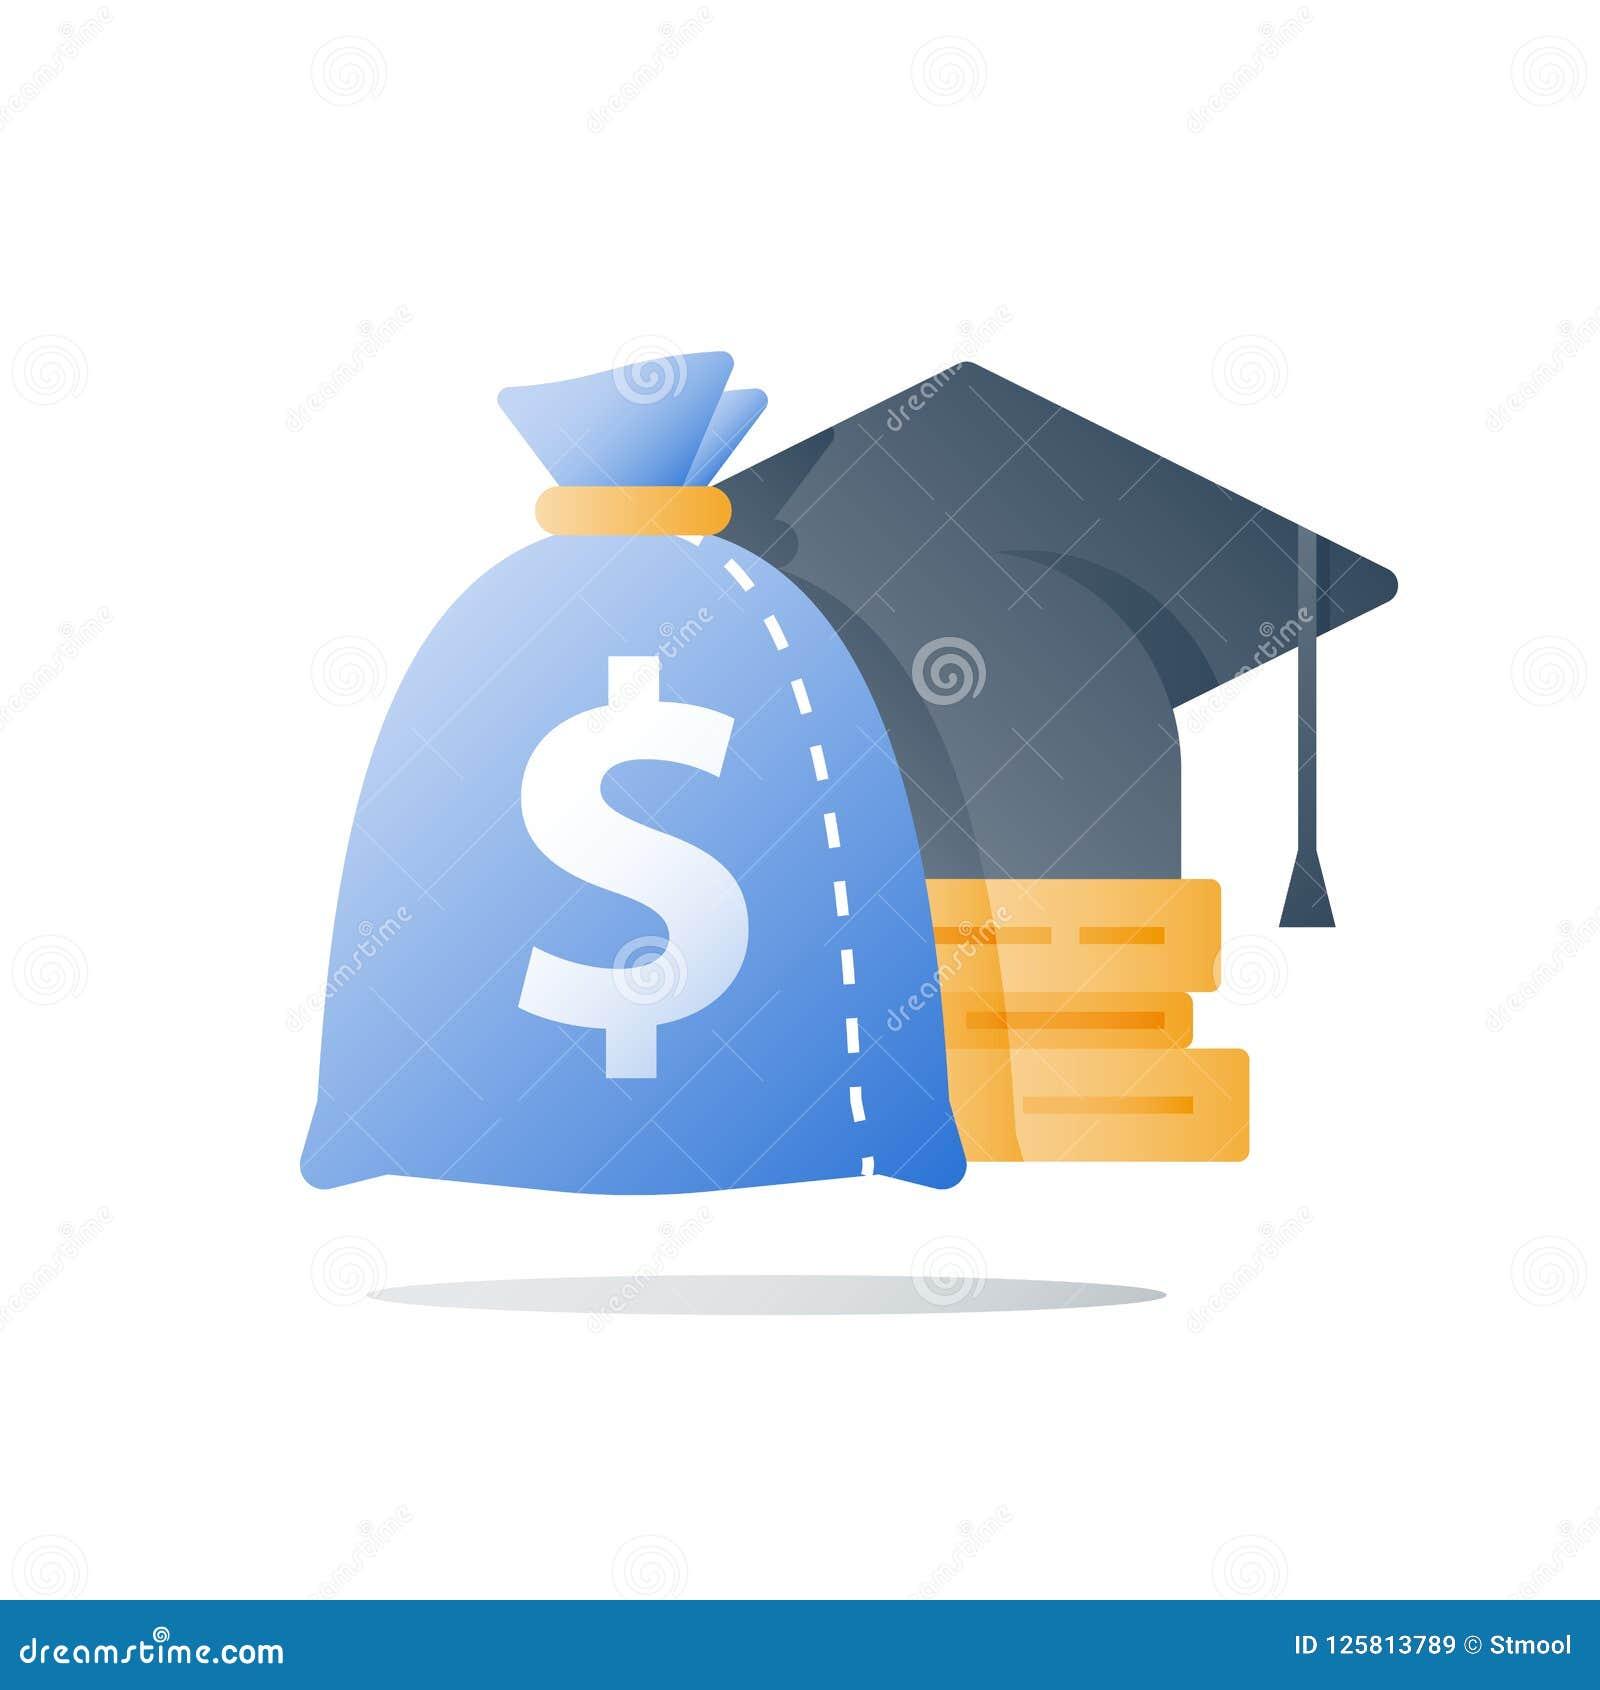 Κόστος εκπαίδευσης, δαπάνες εκπαίδευσης, πληρωμή υποτροφιών, δάνειο μελέτης, οικονομική επιχορήγηση, επένδυση γνώσης